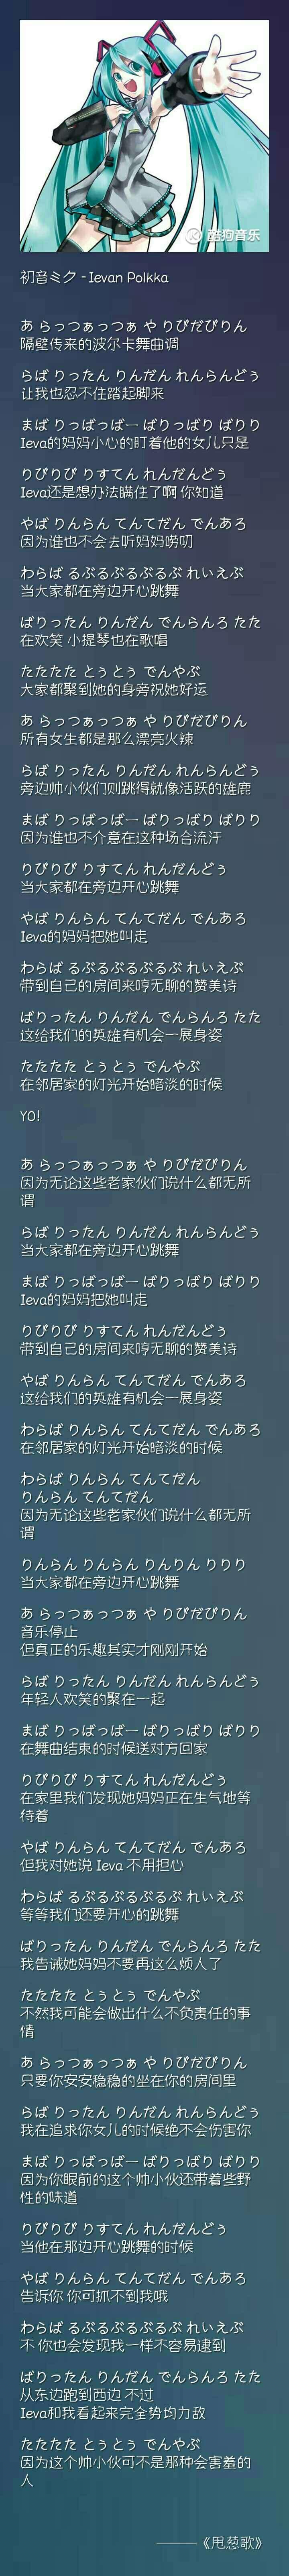 【音乐分享】甩葱歌(公主殿下),动漫界神级